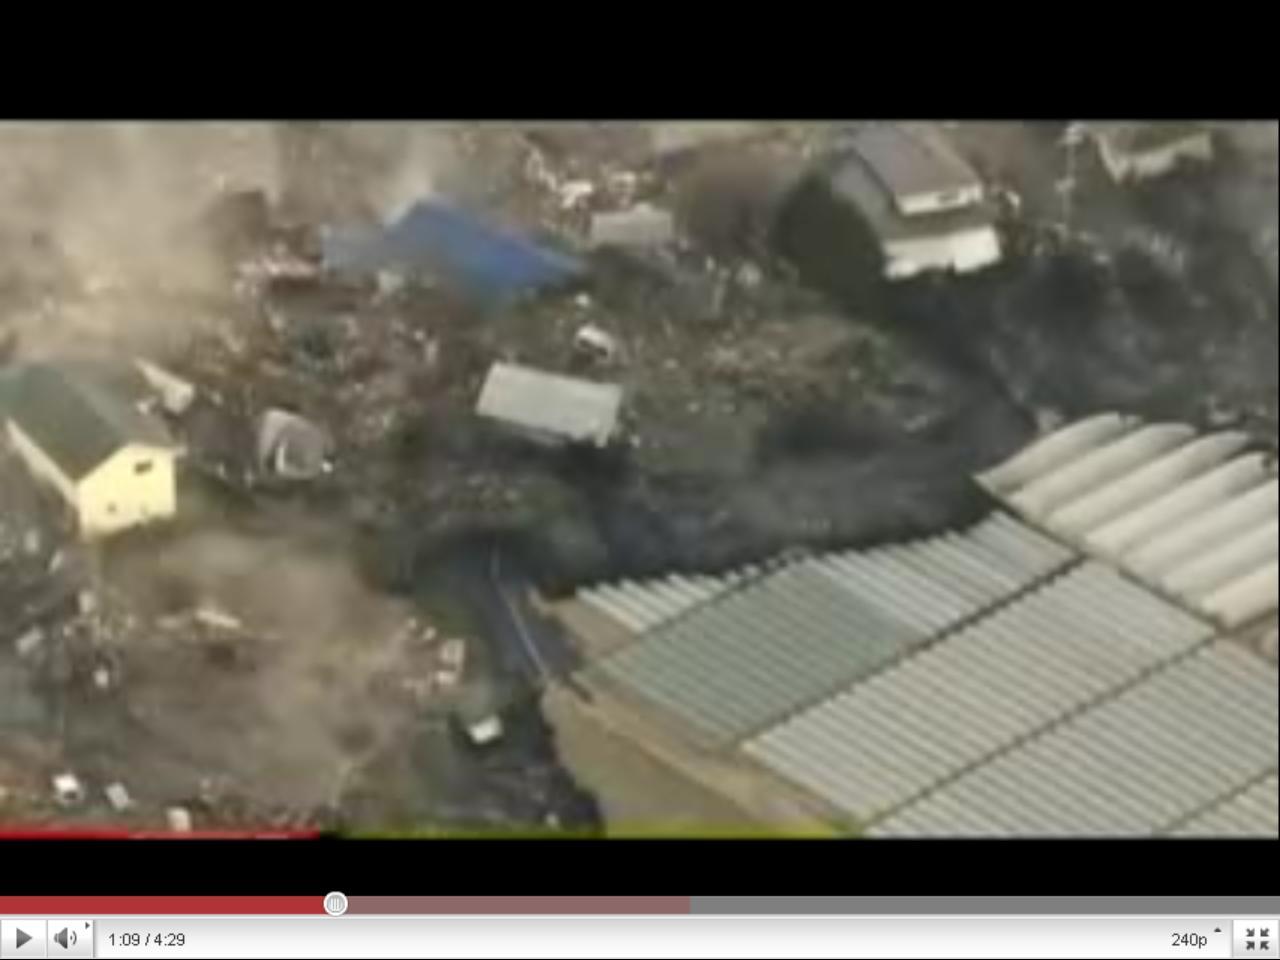 Ճապոնիայում 8.9 մագնիտուտով երկրաշարժ է տեղի ունեցել